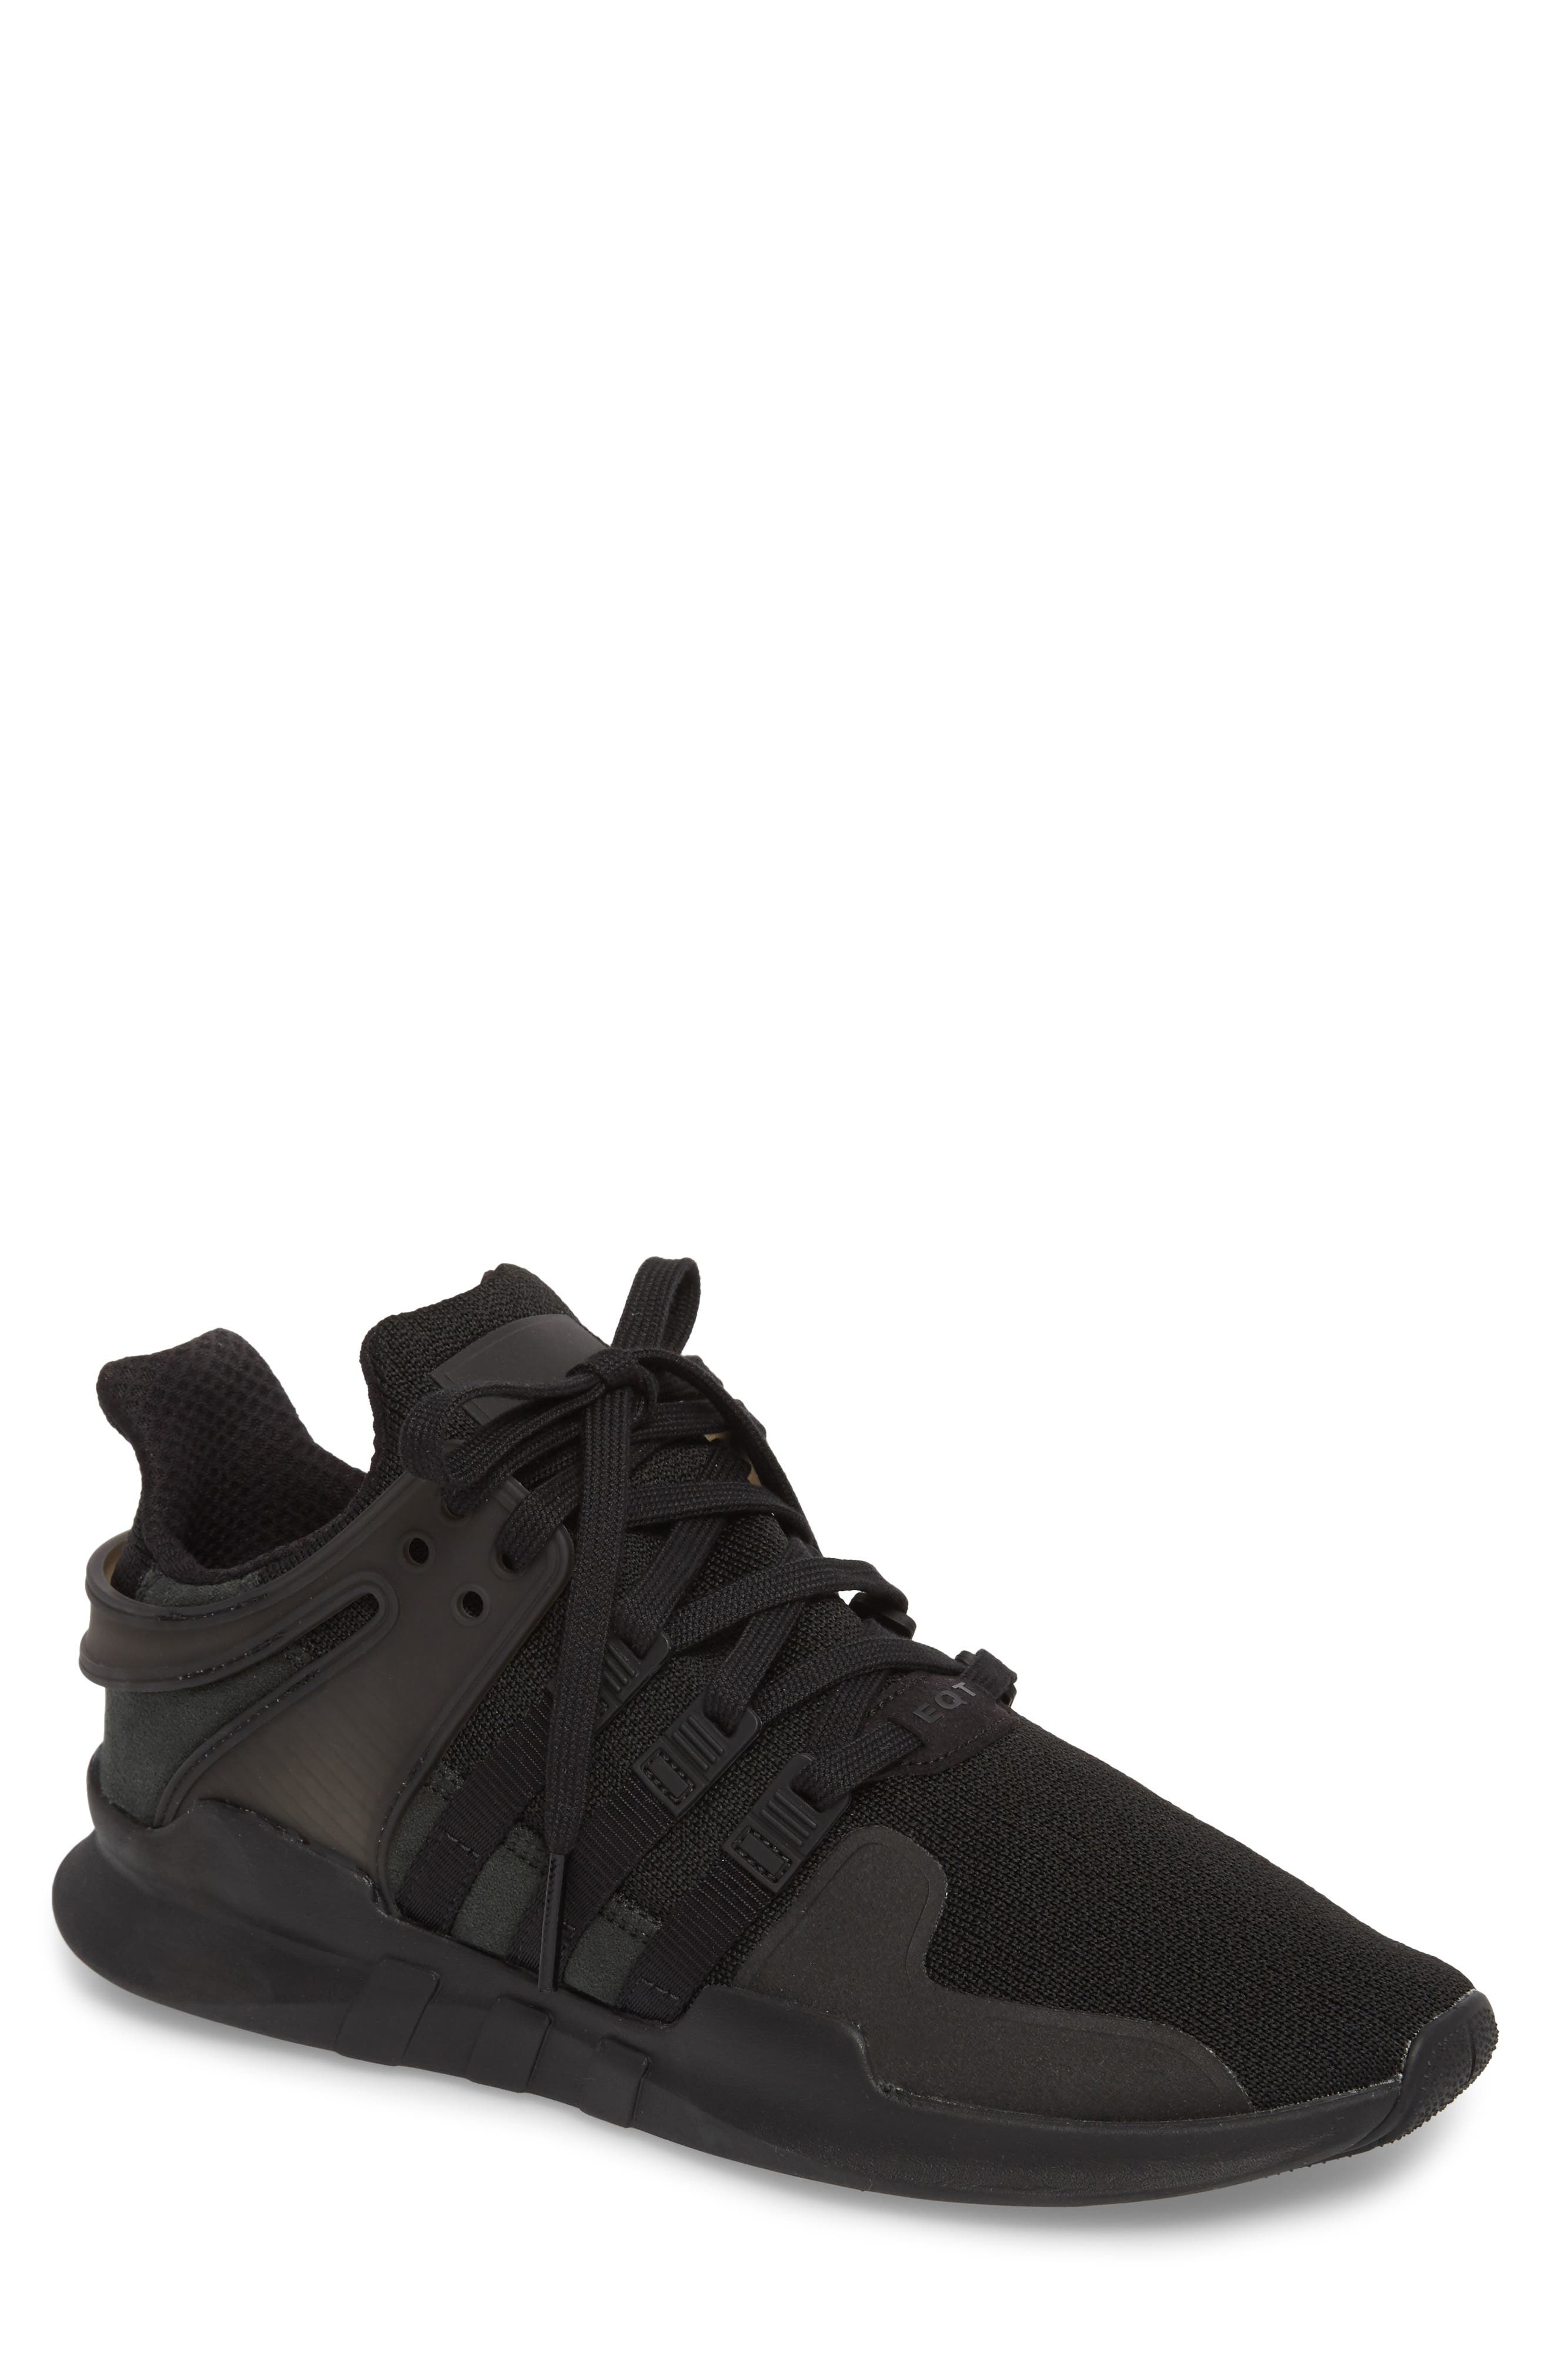 EQT Support Adv Sneaker,                             Main thumbnail 1, color,                             Core Black / Black / White